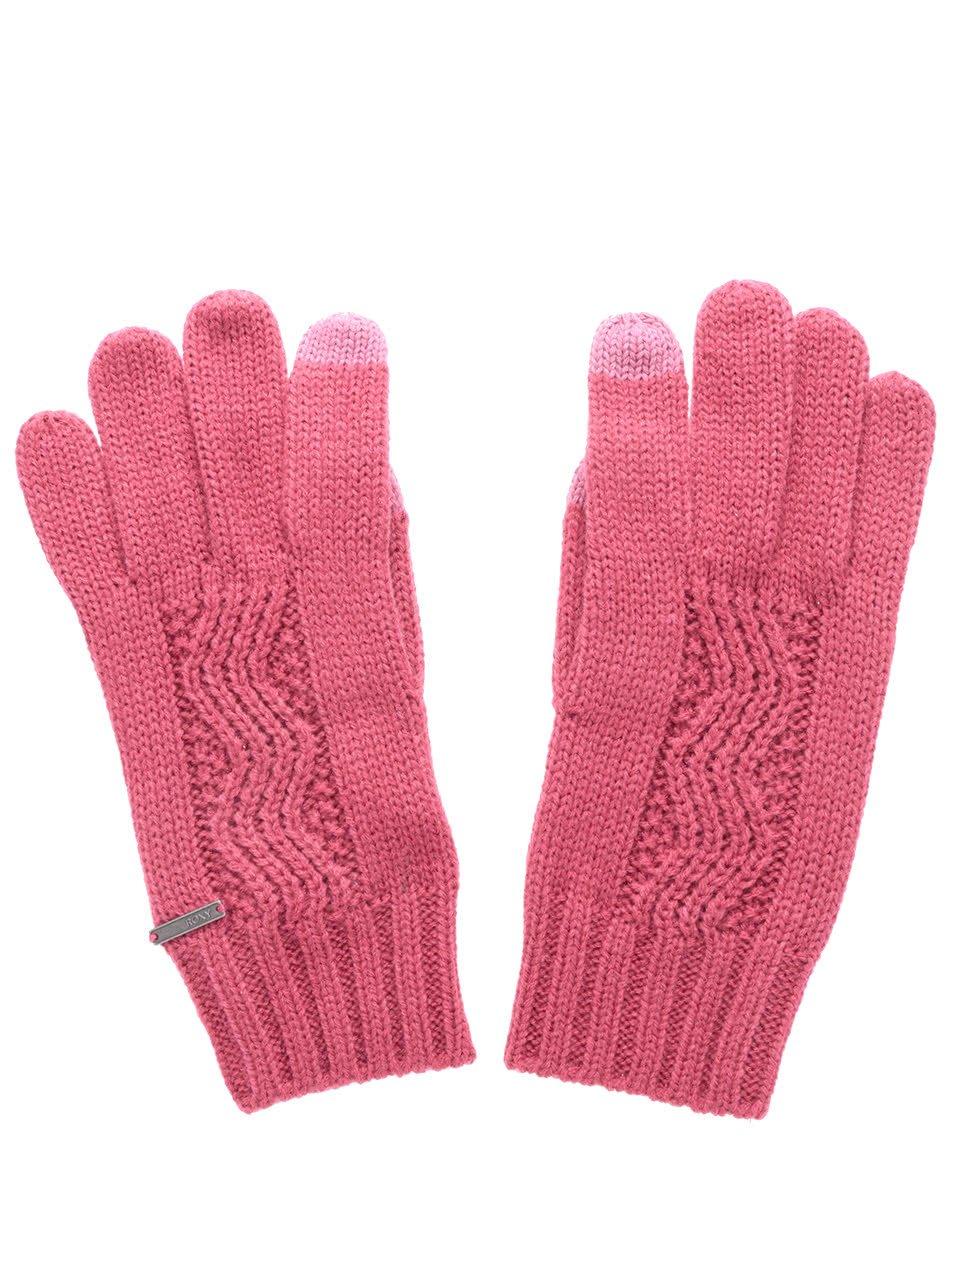 Růžové rukavice Roxy Stay